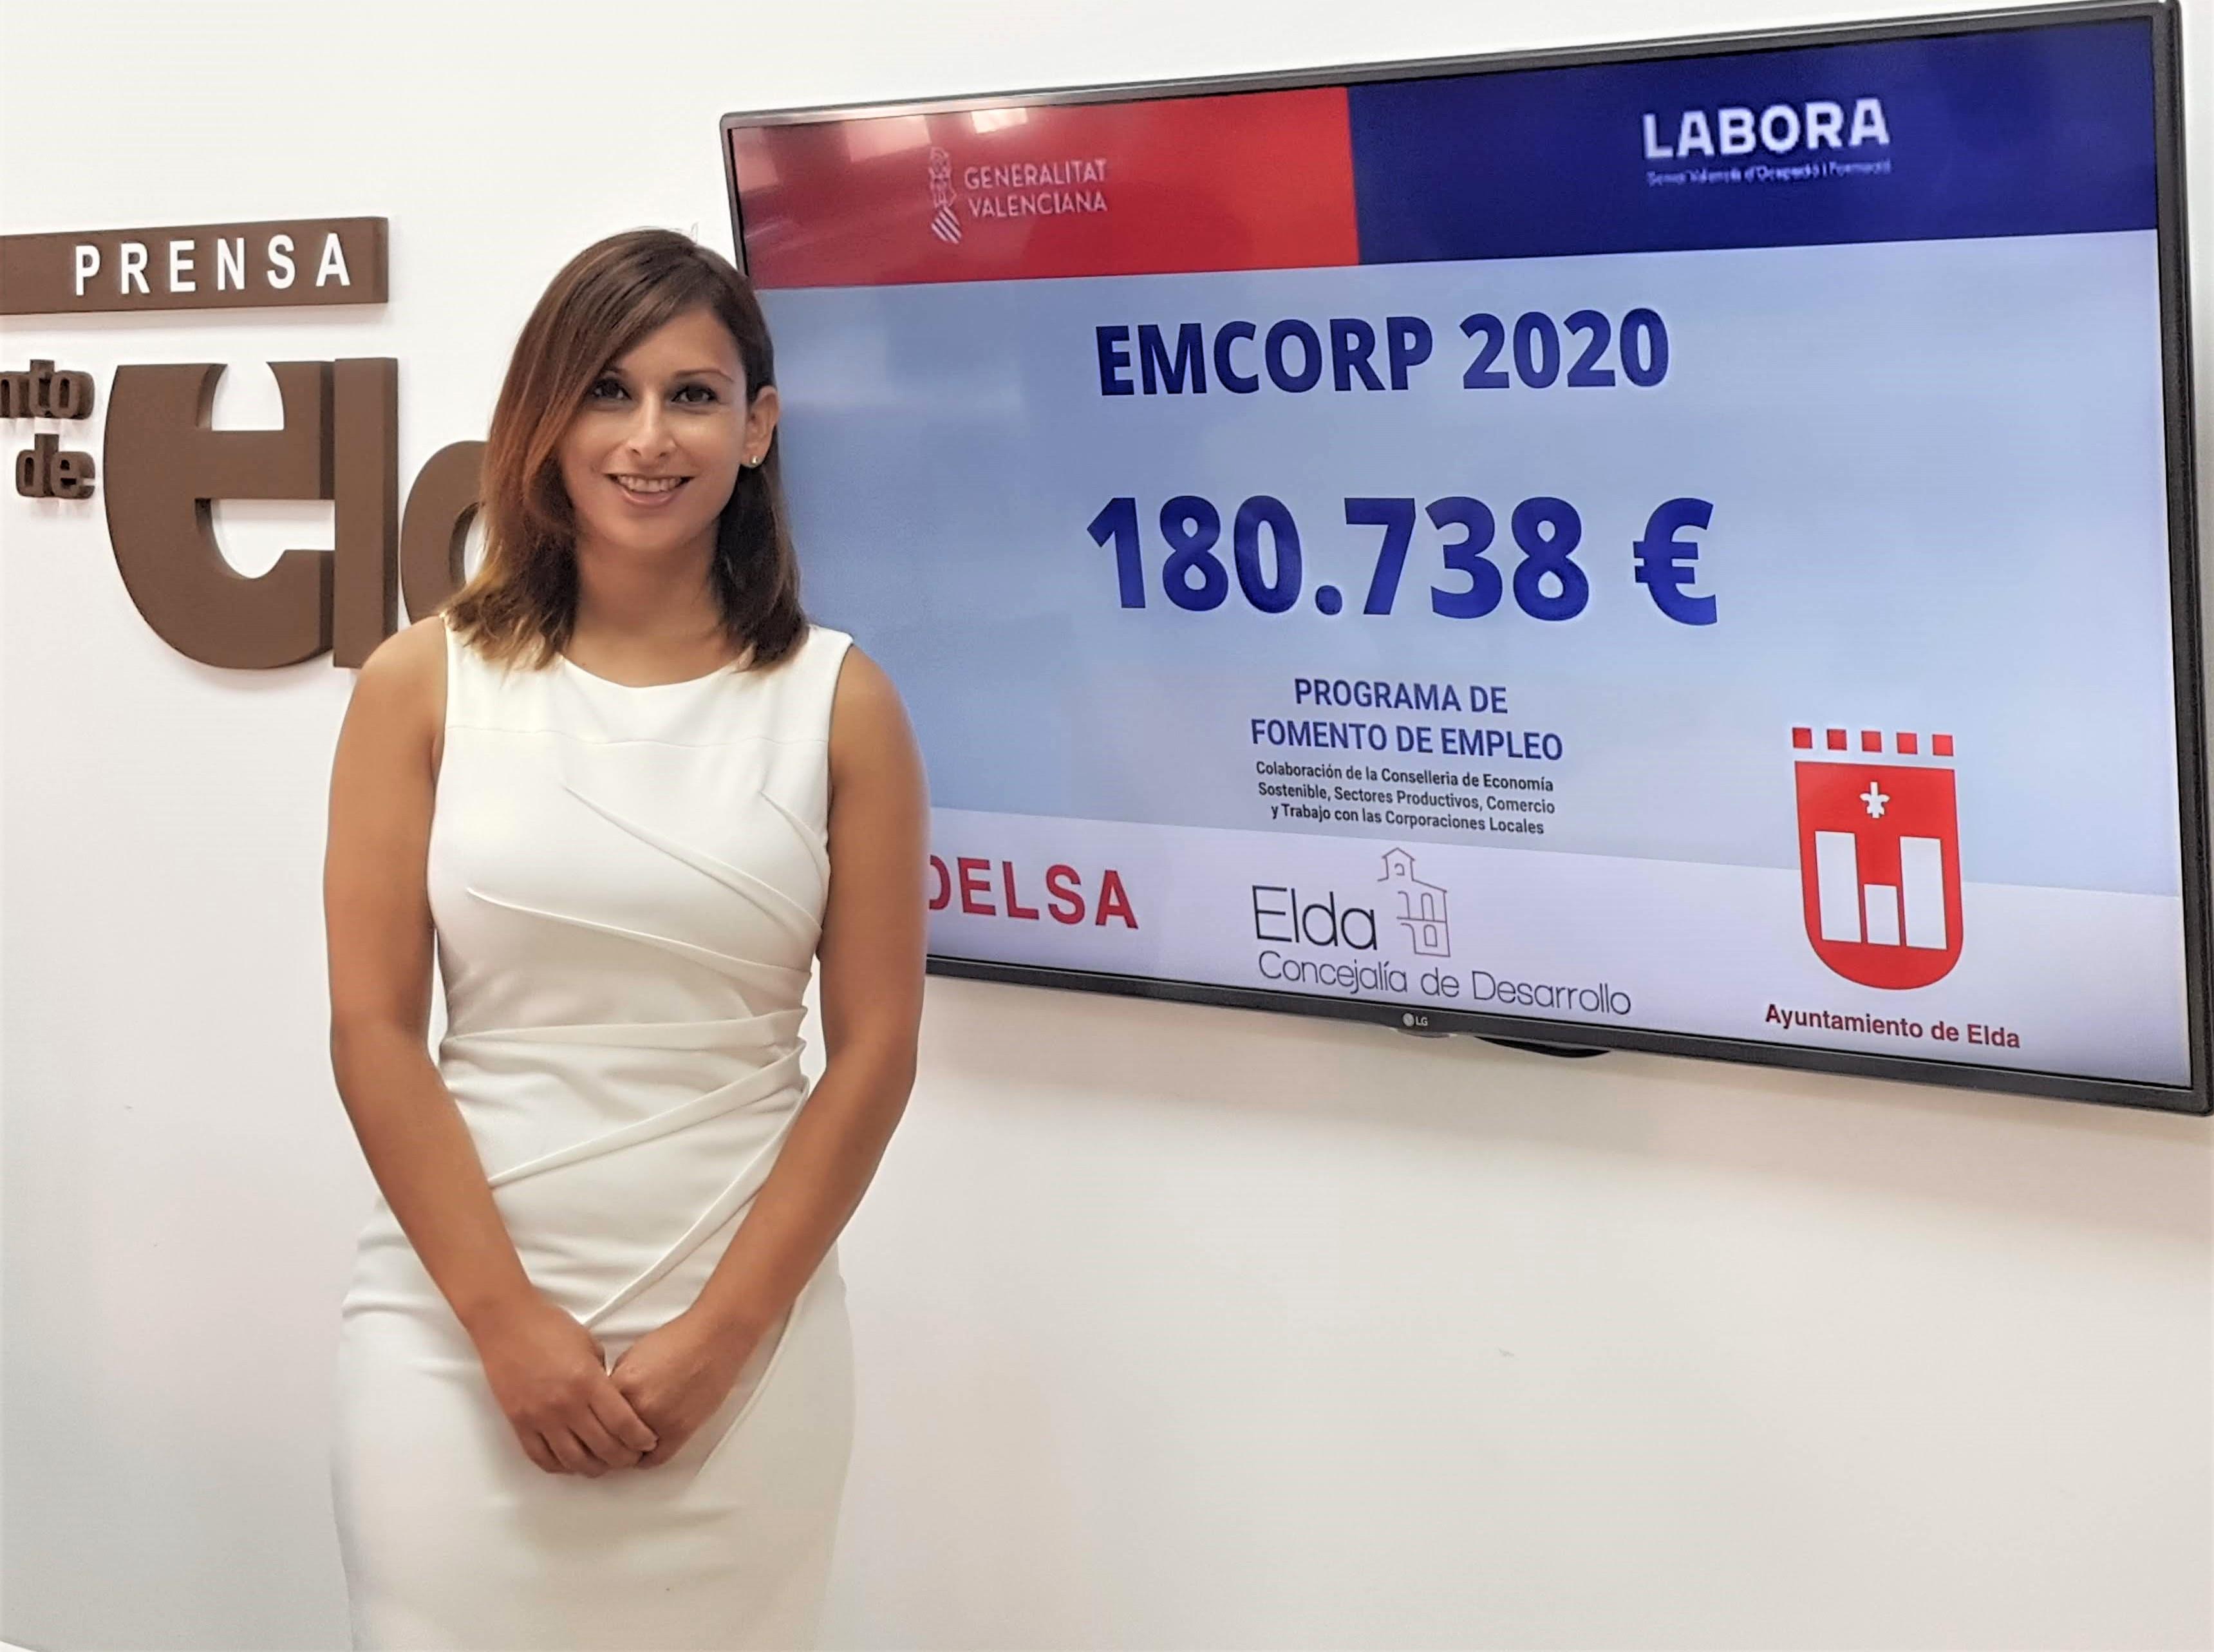 Elda recibirá 180.738 euros del programa Emcorp para la contratación de 16 personas desempleadas mayores de 30 años